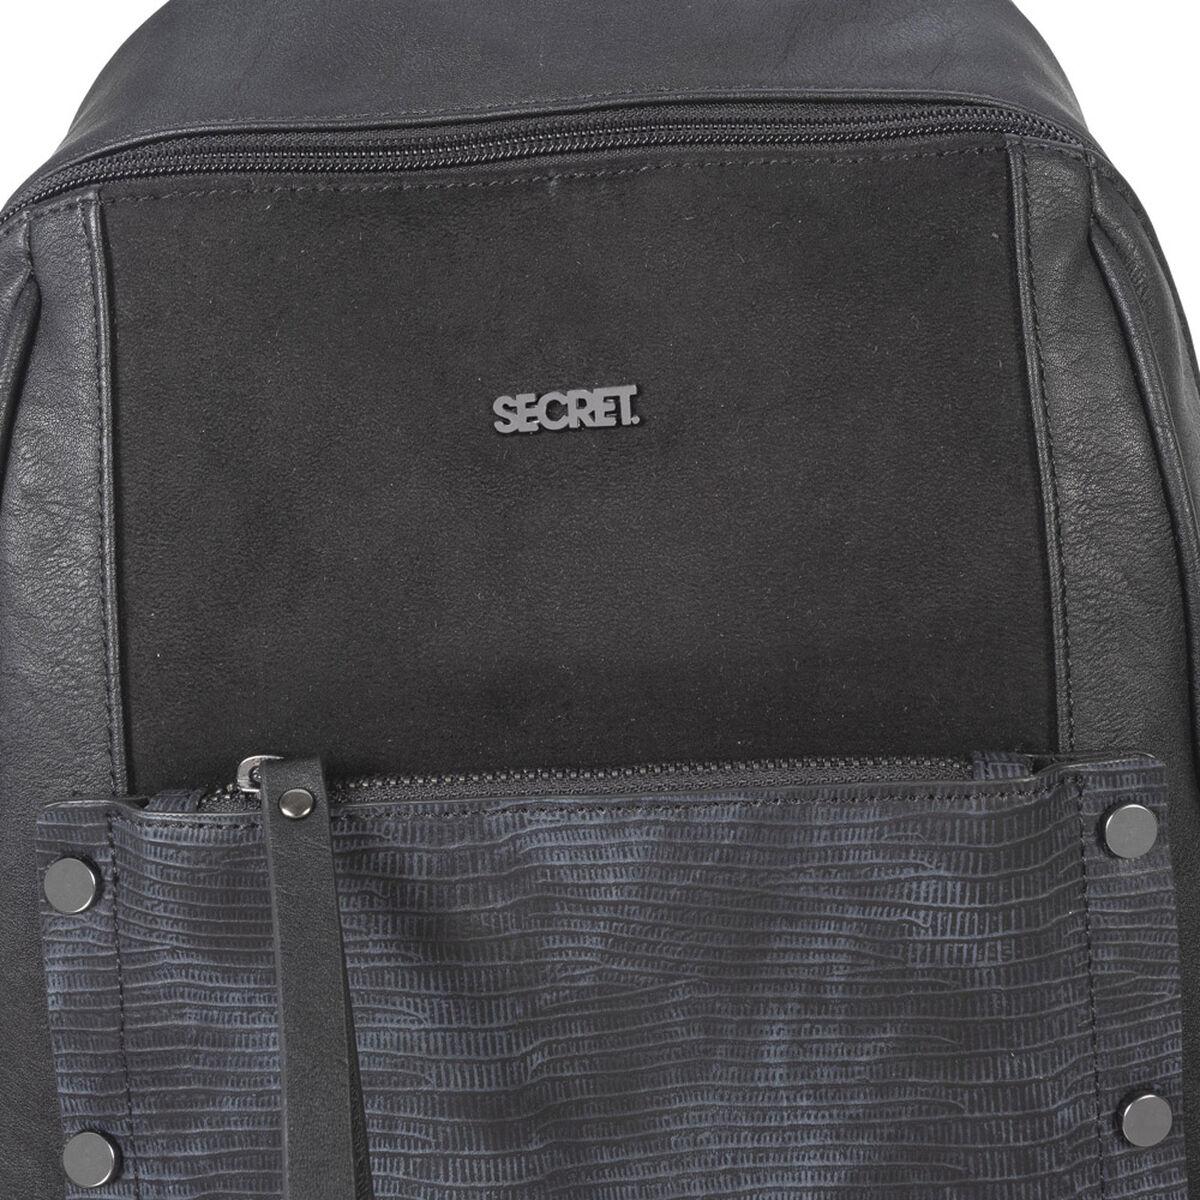 Mochila Secret